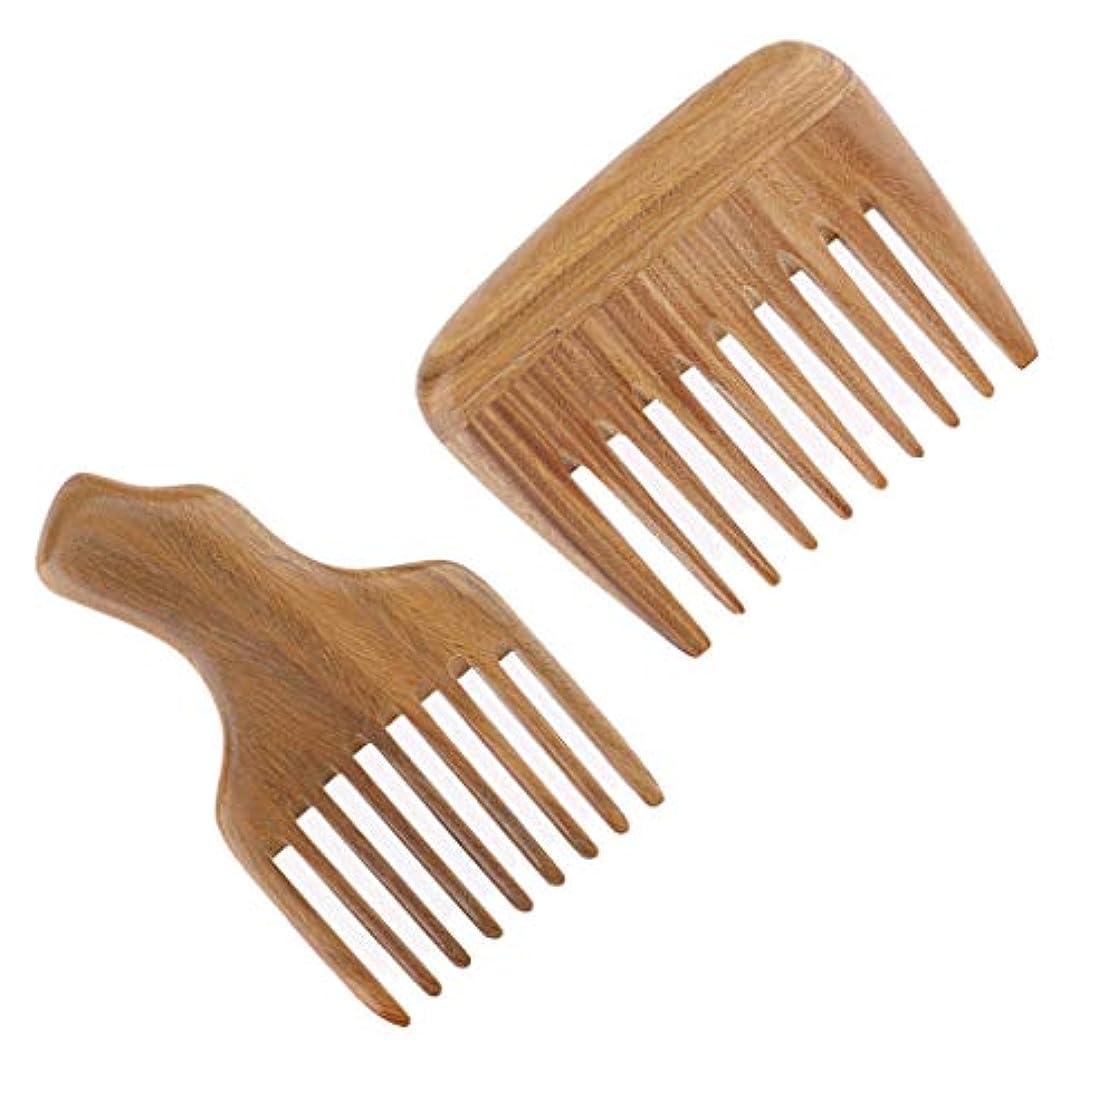 小屋ようこそ牛T TOOYFUL 木製コーム ヘアブラシ ヘアコーム 粗い櫛 ユニセックス 理髪店 サロン アクセサリー 2個入り